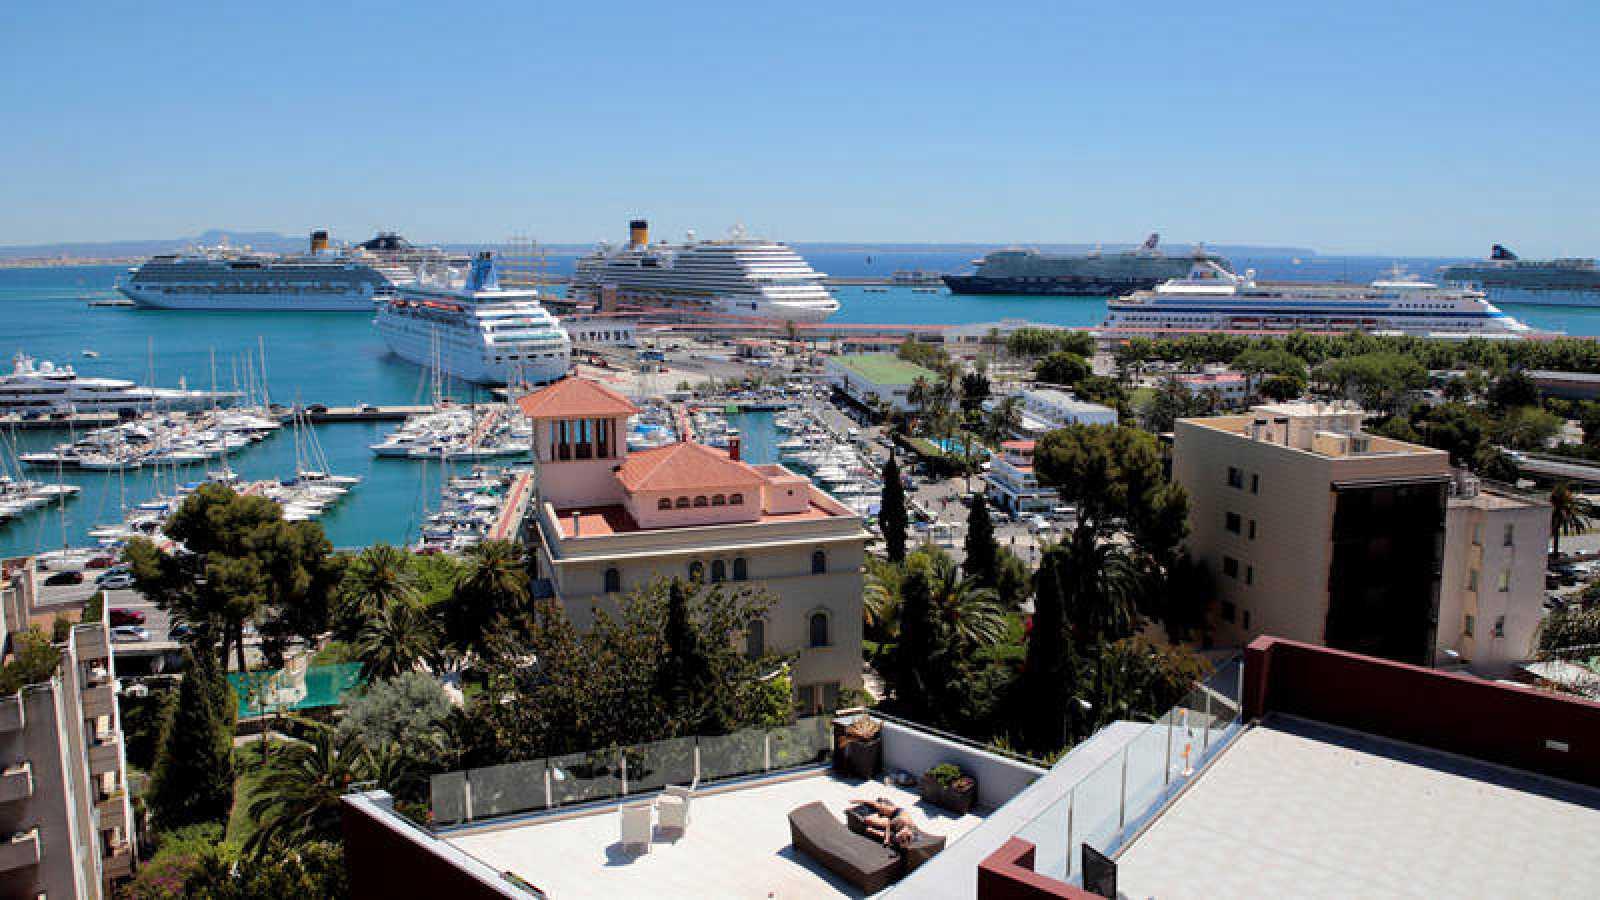 Cruceros turísticos atracados en el Puerto de Palma